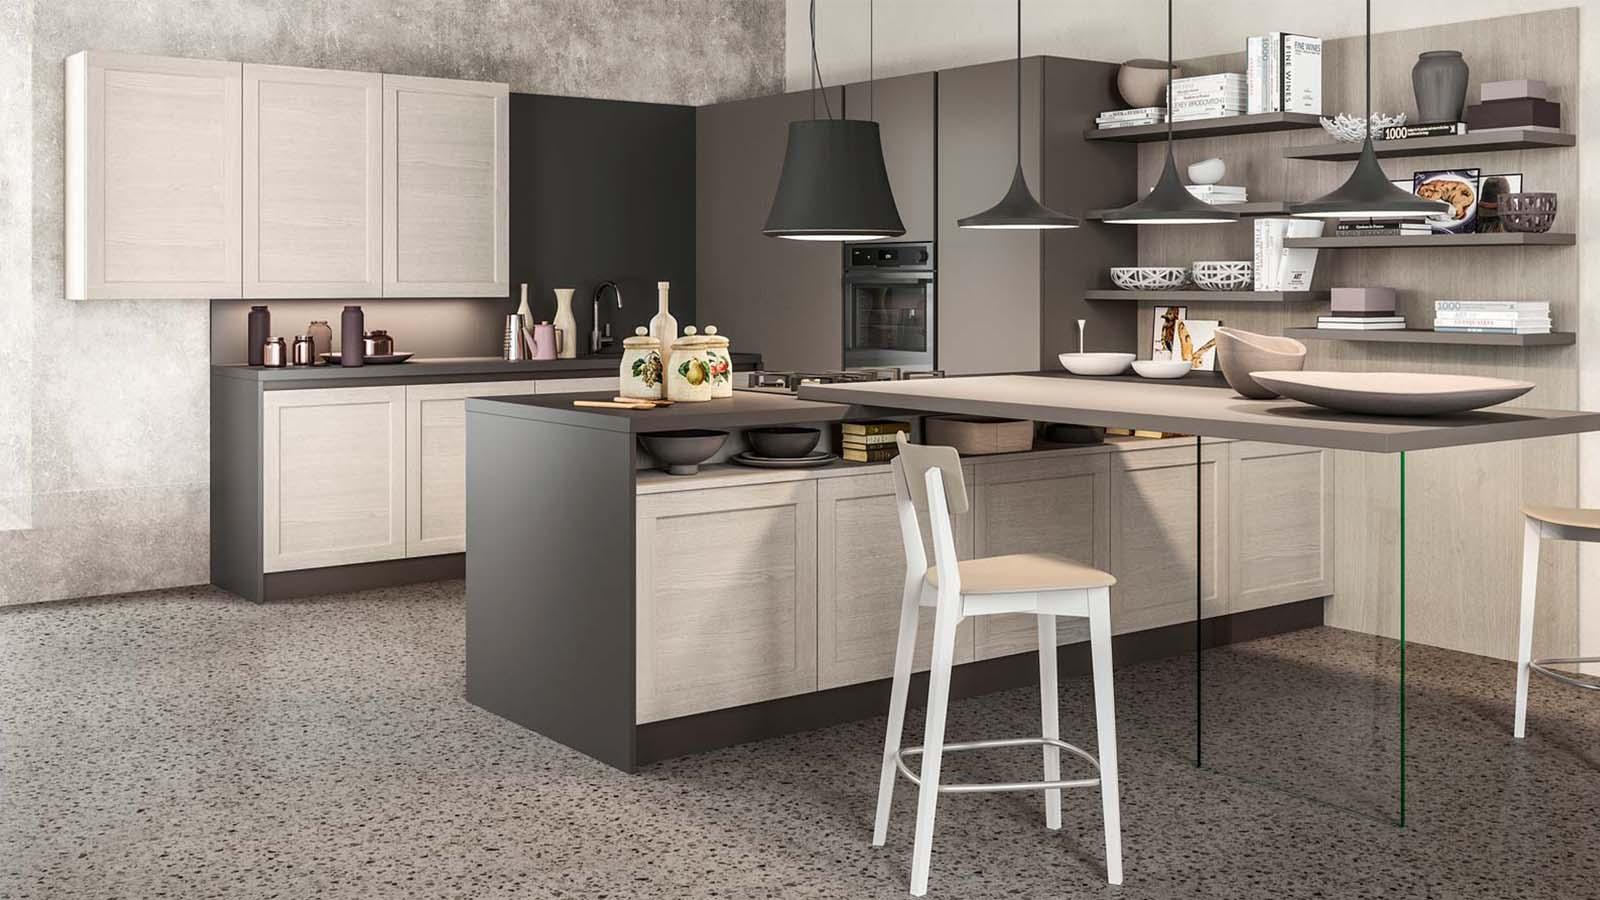 Vendita cucine padova negozio di arredamento cucine for Cucine moderne con penisola